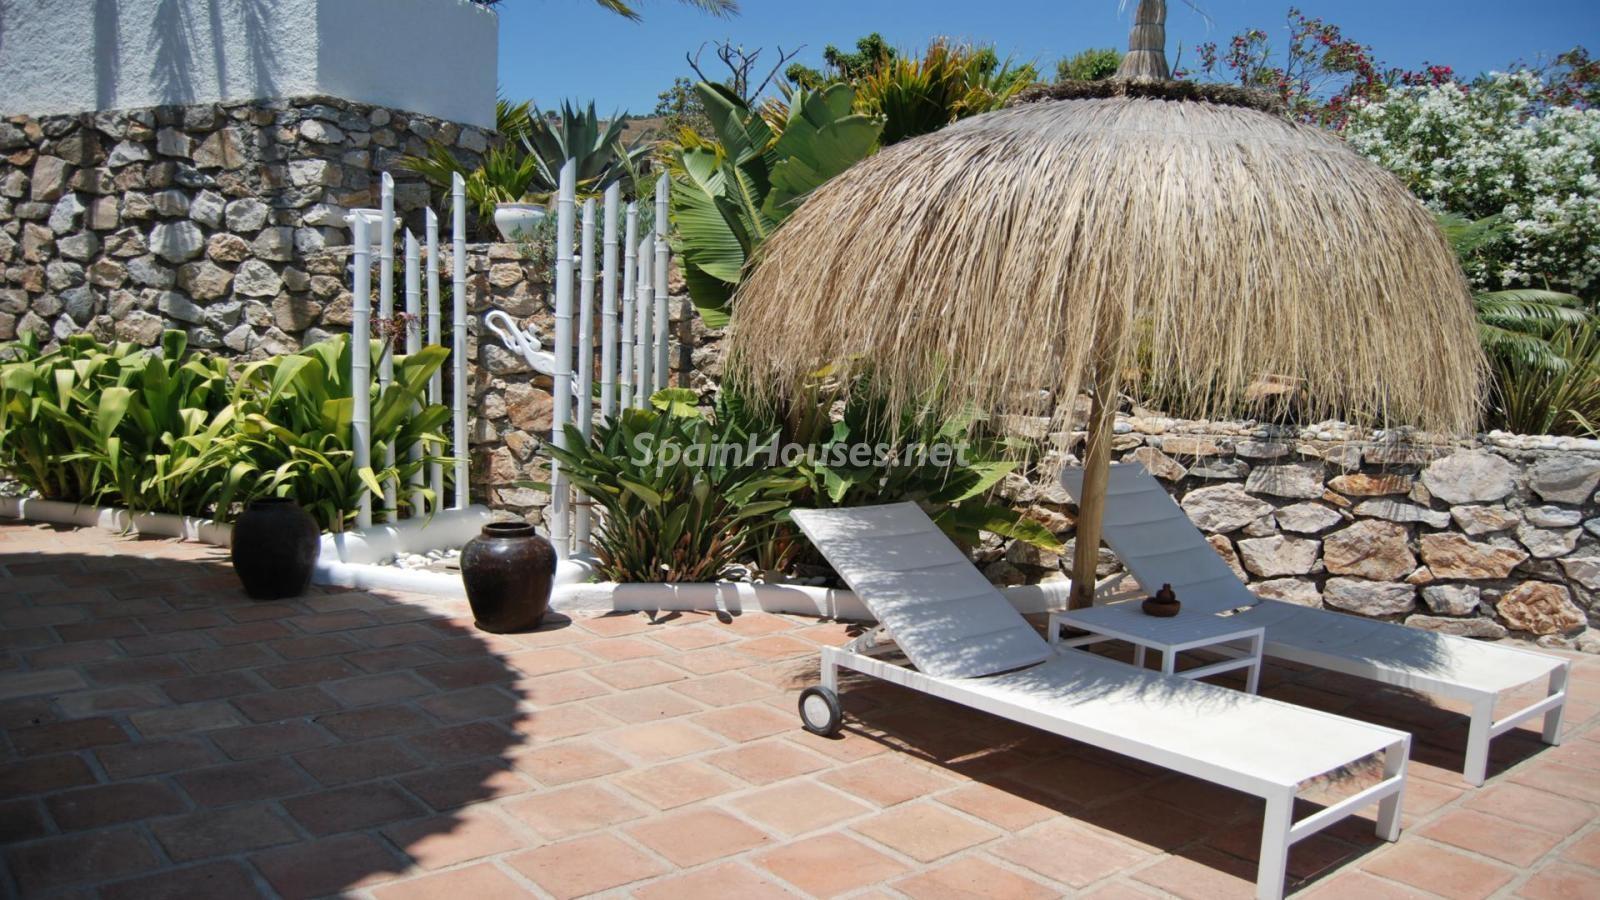 49335 2014903 foto 297974 - Exotic villa in Salobreña, Granada